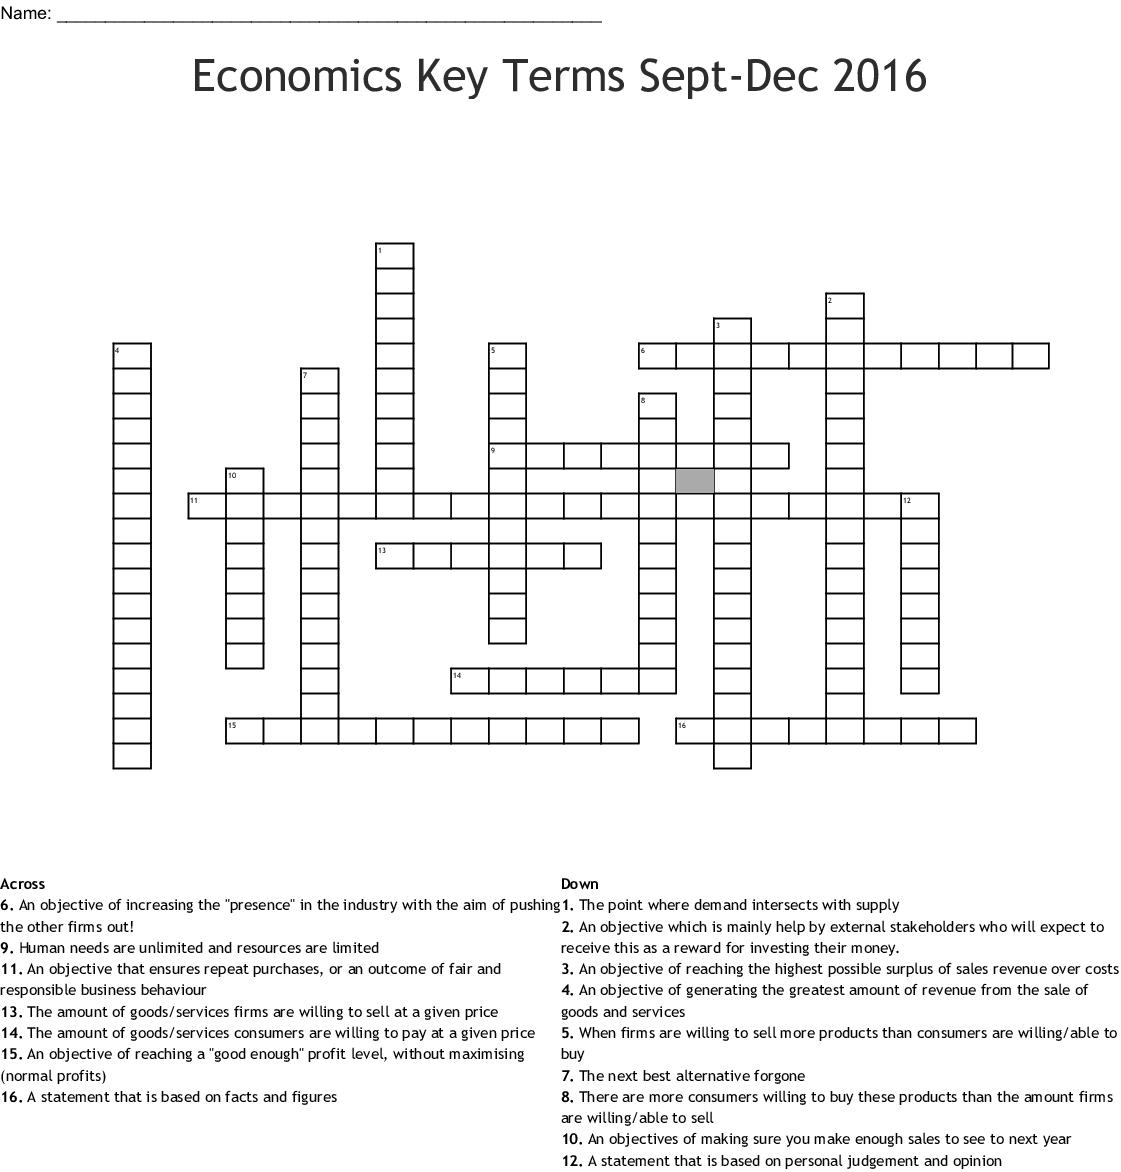 Economics Key Terms Sept-Dec 2016 Crossword - WordMint